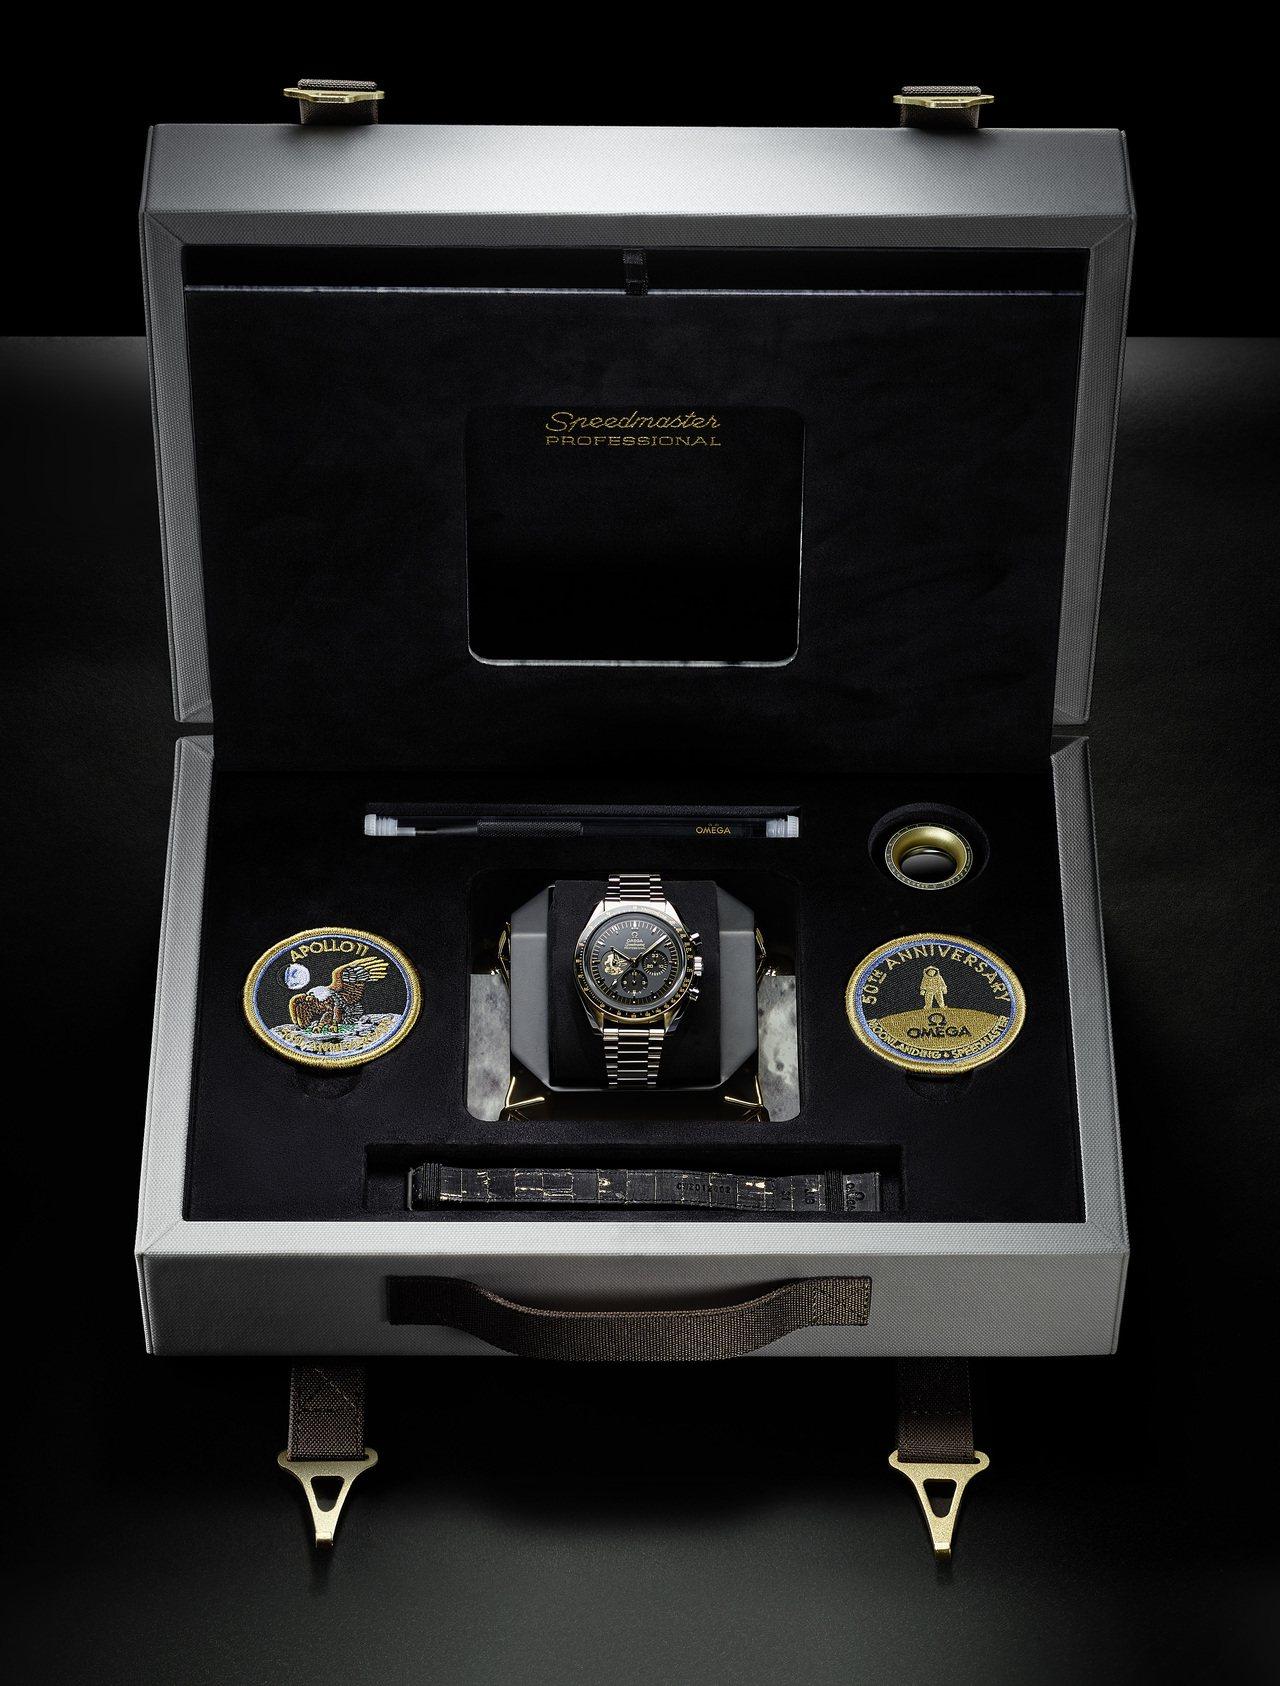 歐米茄超霸阿波羅11號50周年限量版腕表,配備了獨特的表盒,其中還備有兩枚任務臂...